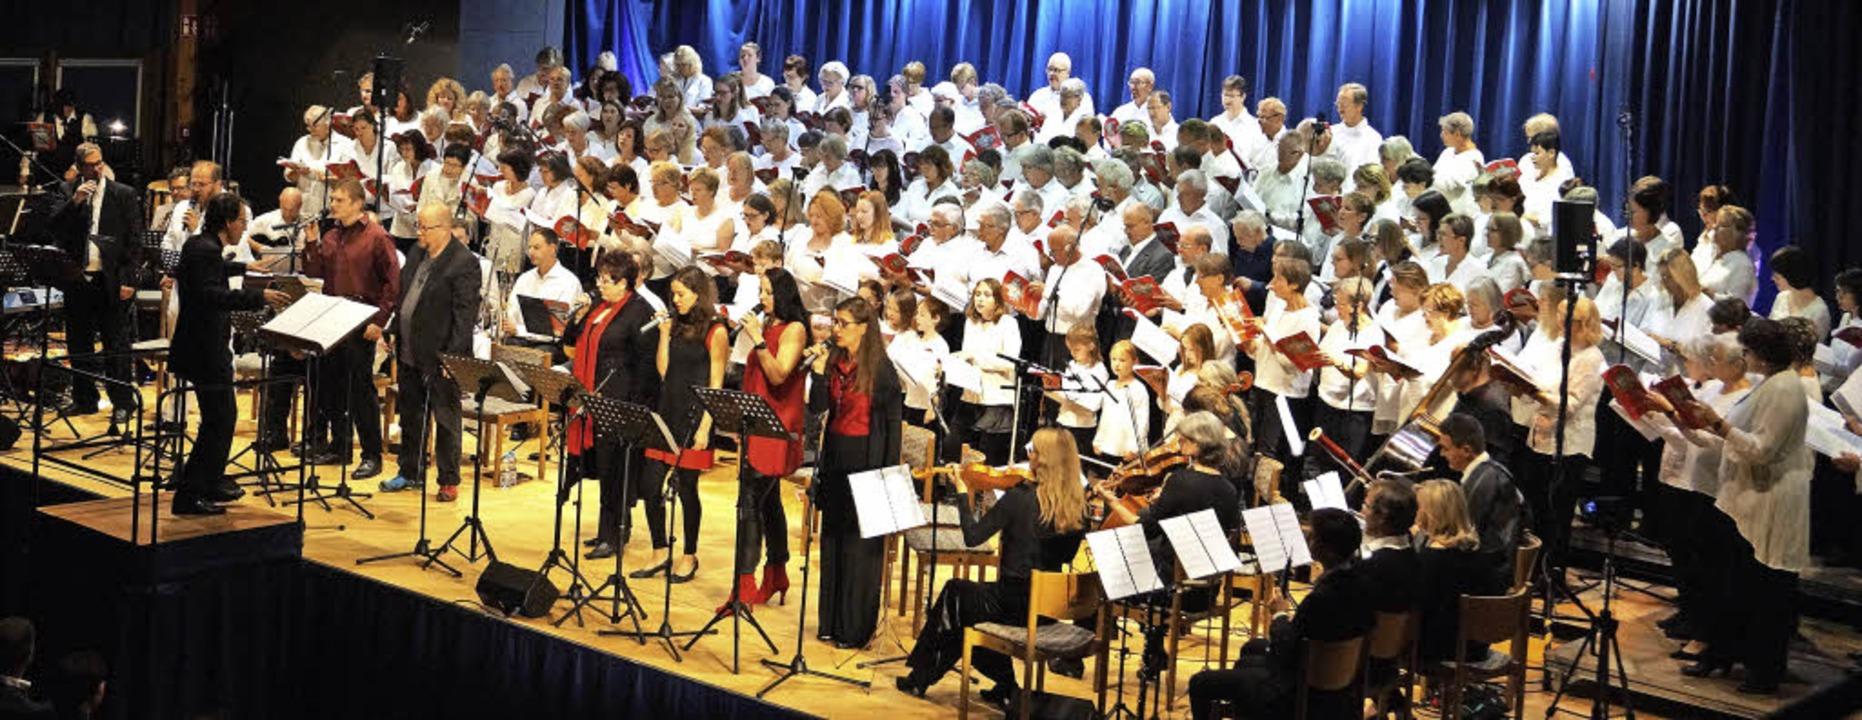 180 Musiker und Sänger schufen gemeins...nkt im Jubiläumsjahr der Reformation.   | Foto: Silke Hartenstein